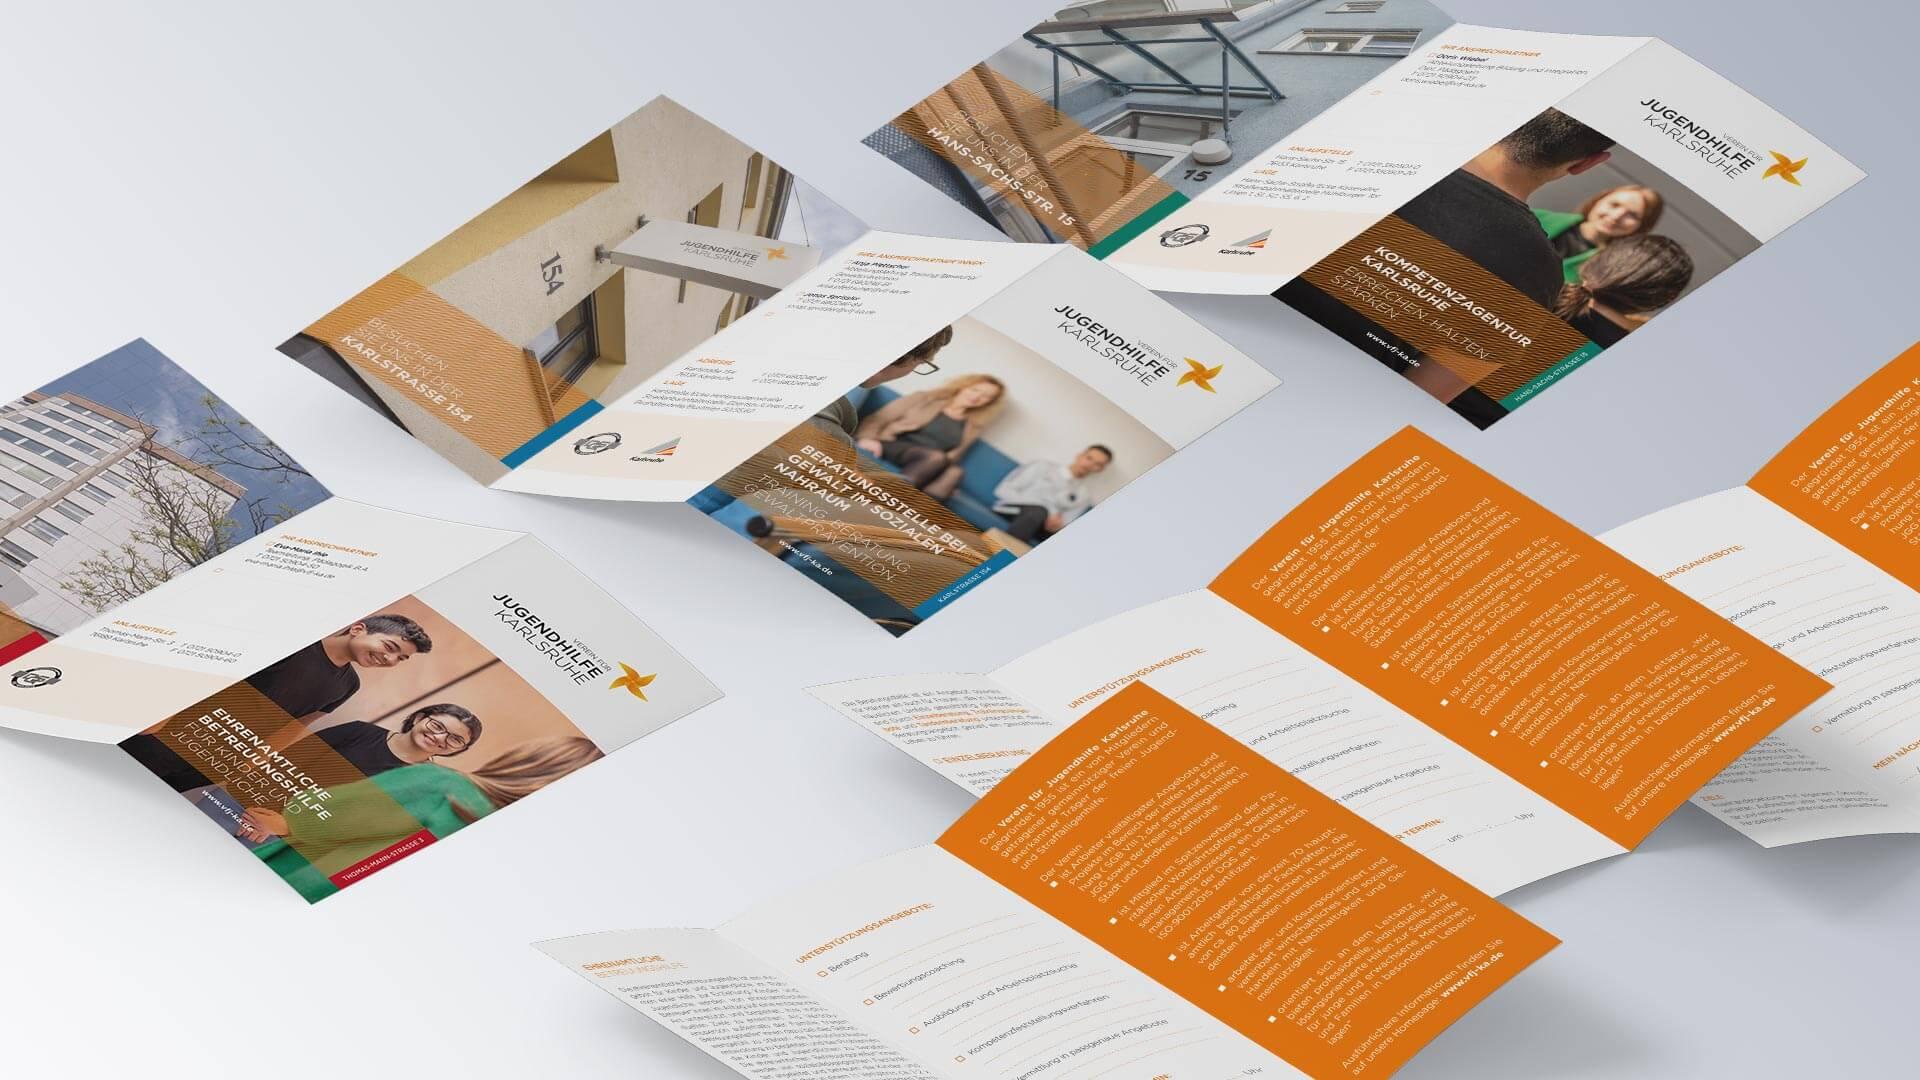 Verein für Jugendhilfe Karlsruhe e.V. Folder Flyer